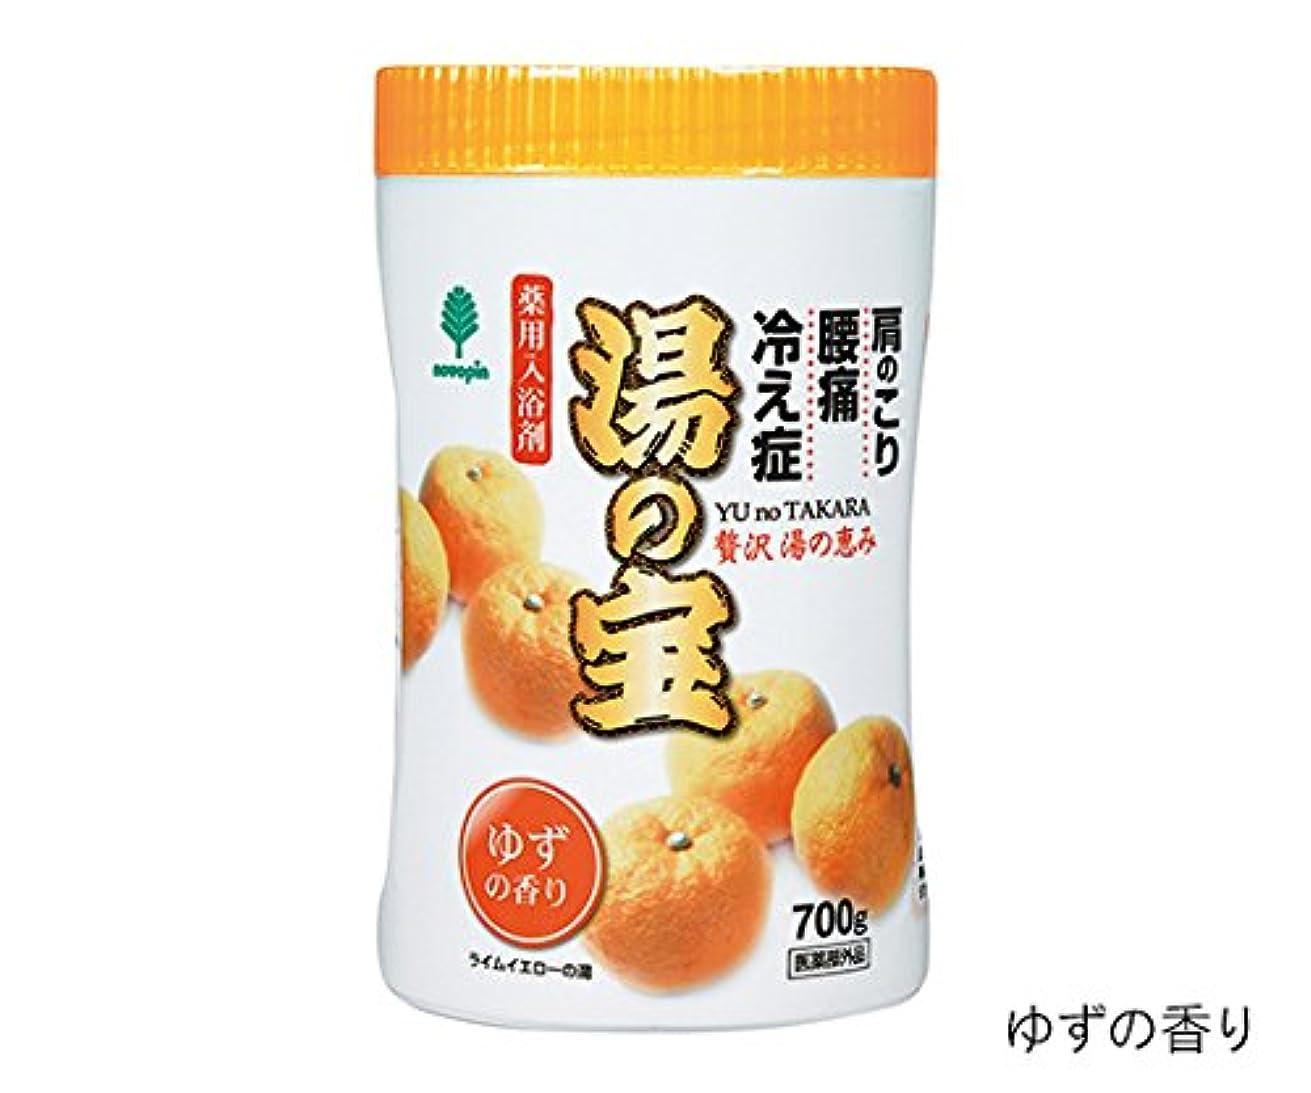 対人バレーボールハーブ紀陽除虫菊7-2542-03入浴剤(湯の宝)ラベンダーの香り700g